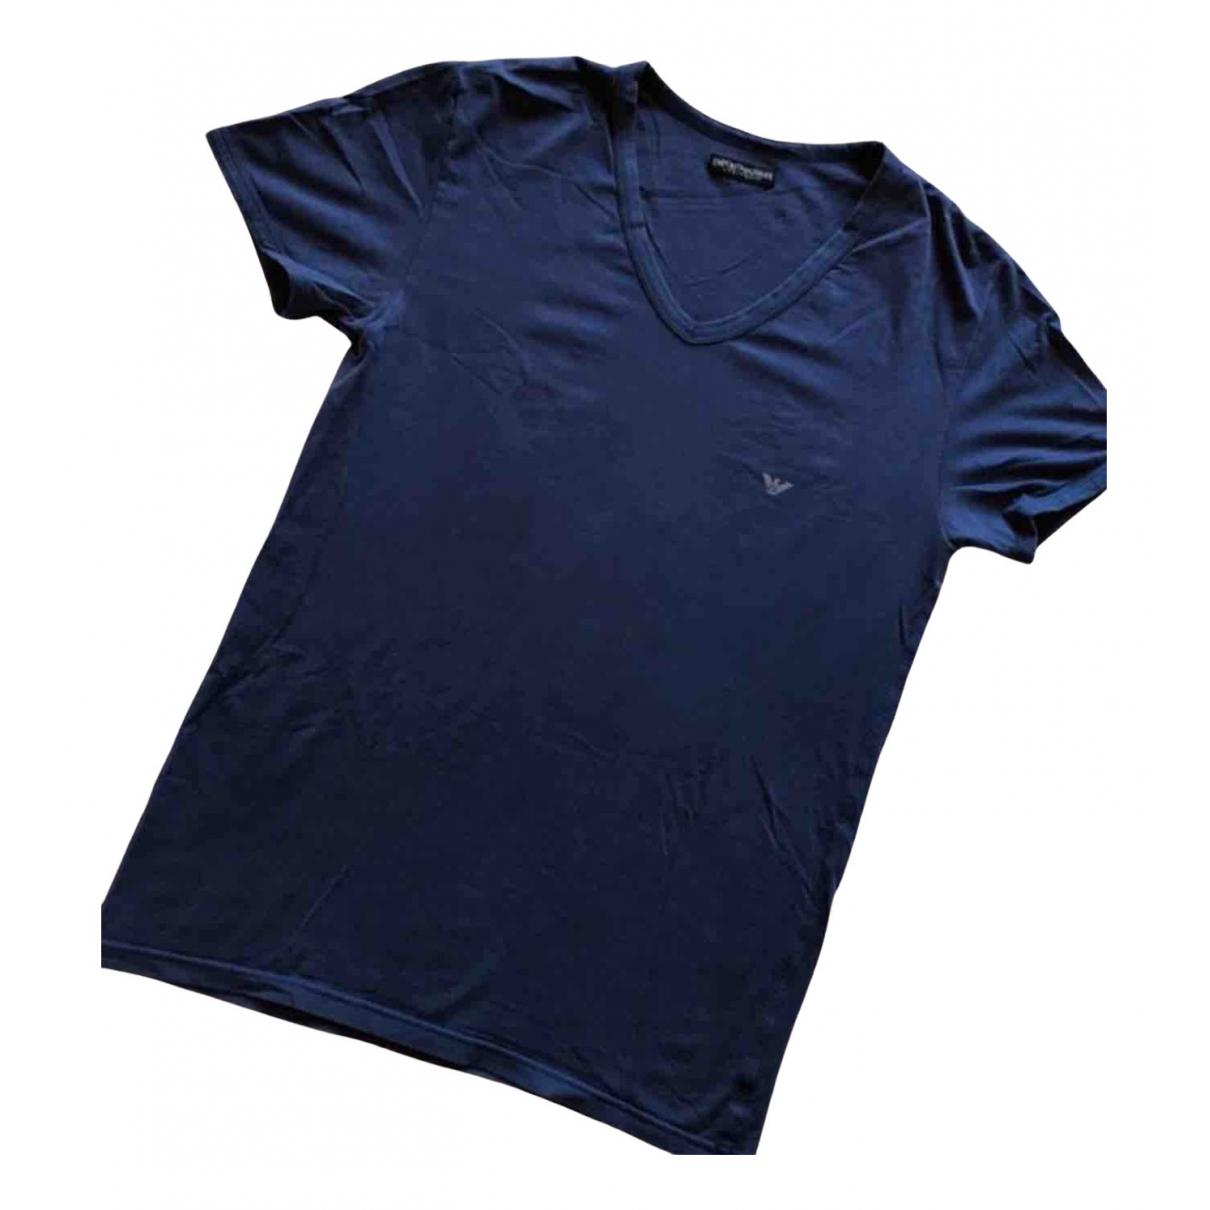 Emporio Armani - Tee shirts   pour homme en coton - violet